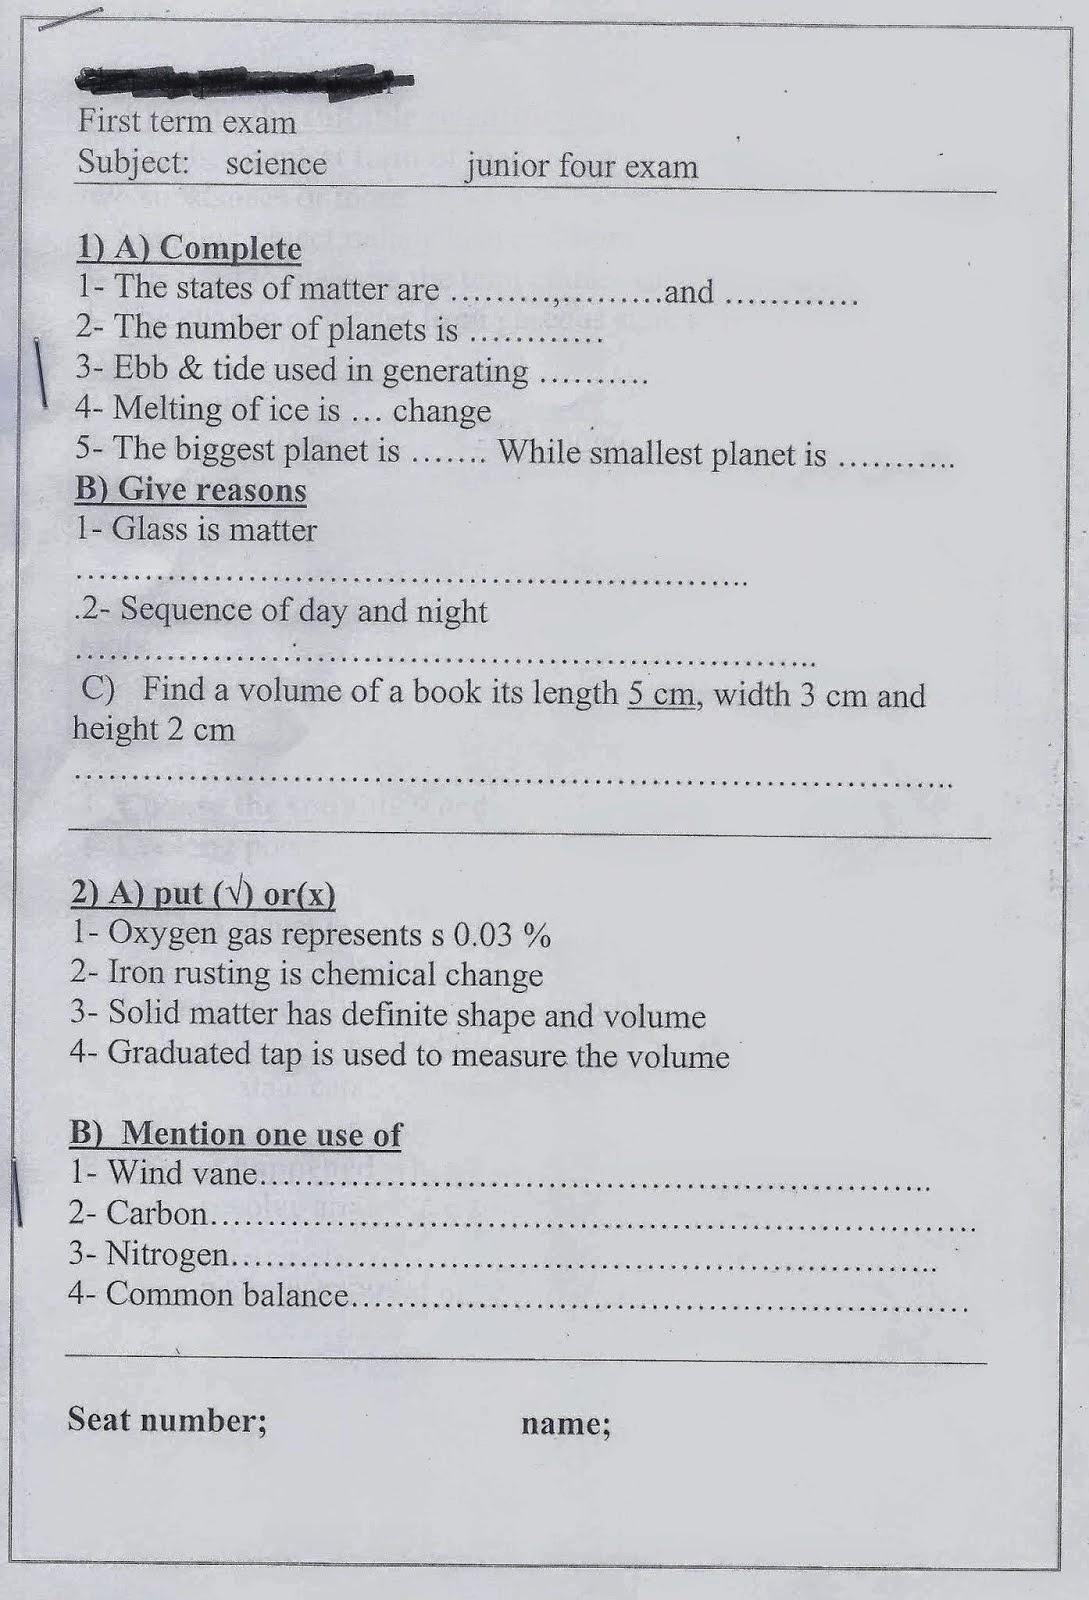 امتحانات كل مواد الصف الرابع الابتدائي الترم الأول 2015 مدارس مصر حكومى و لغات scan0094.jpg